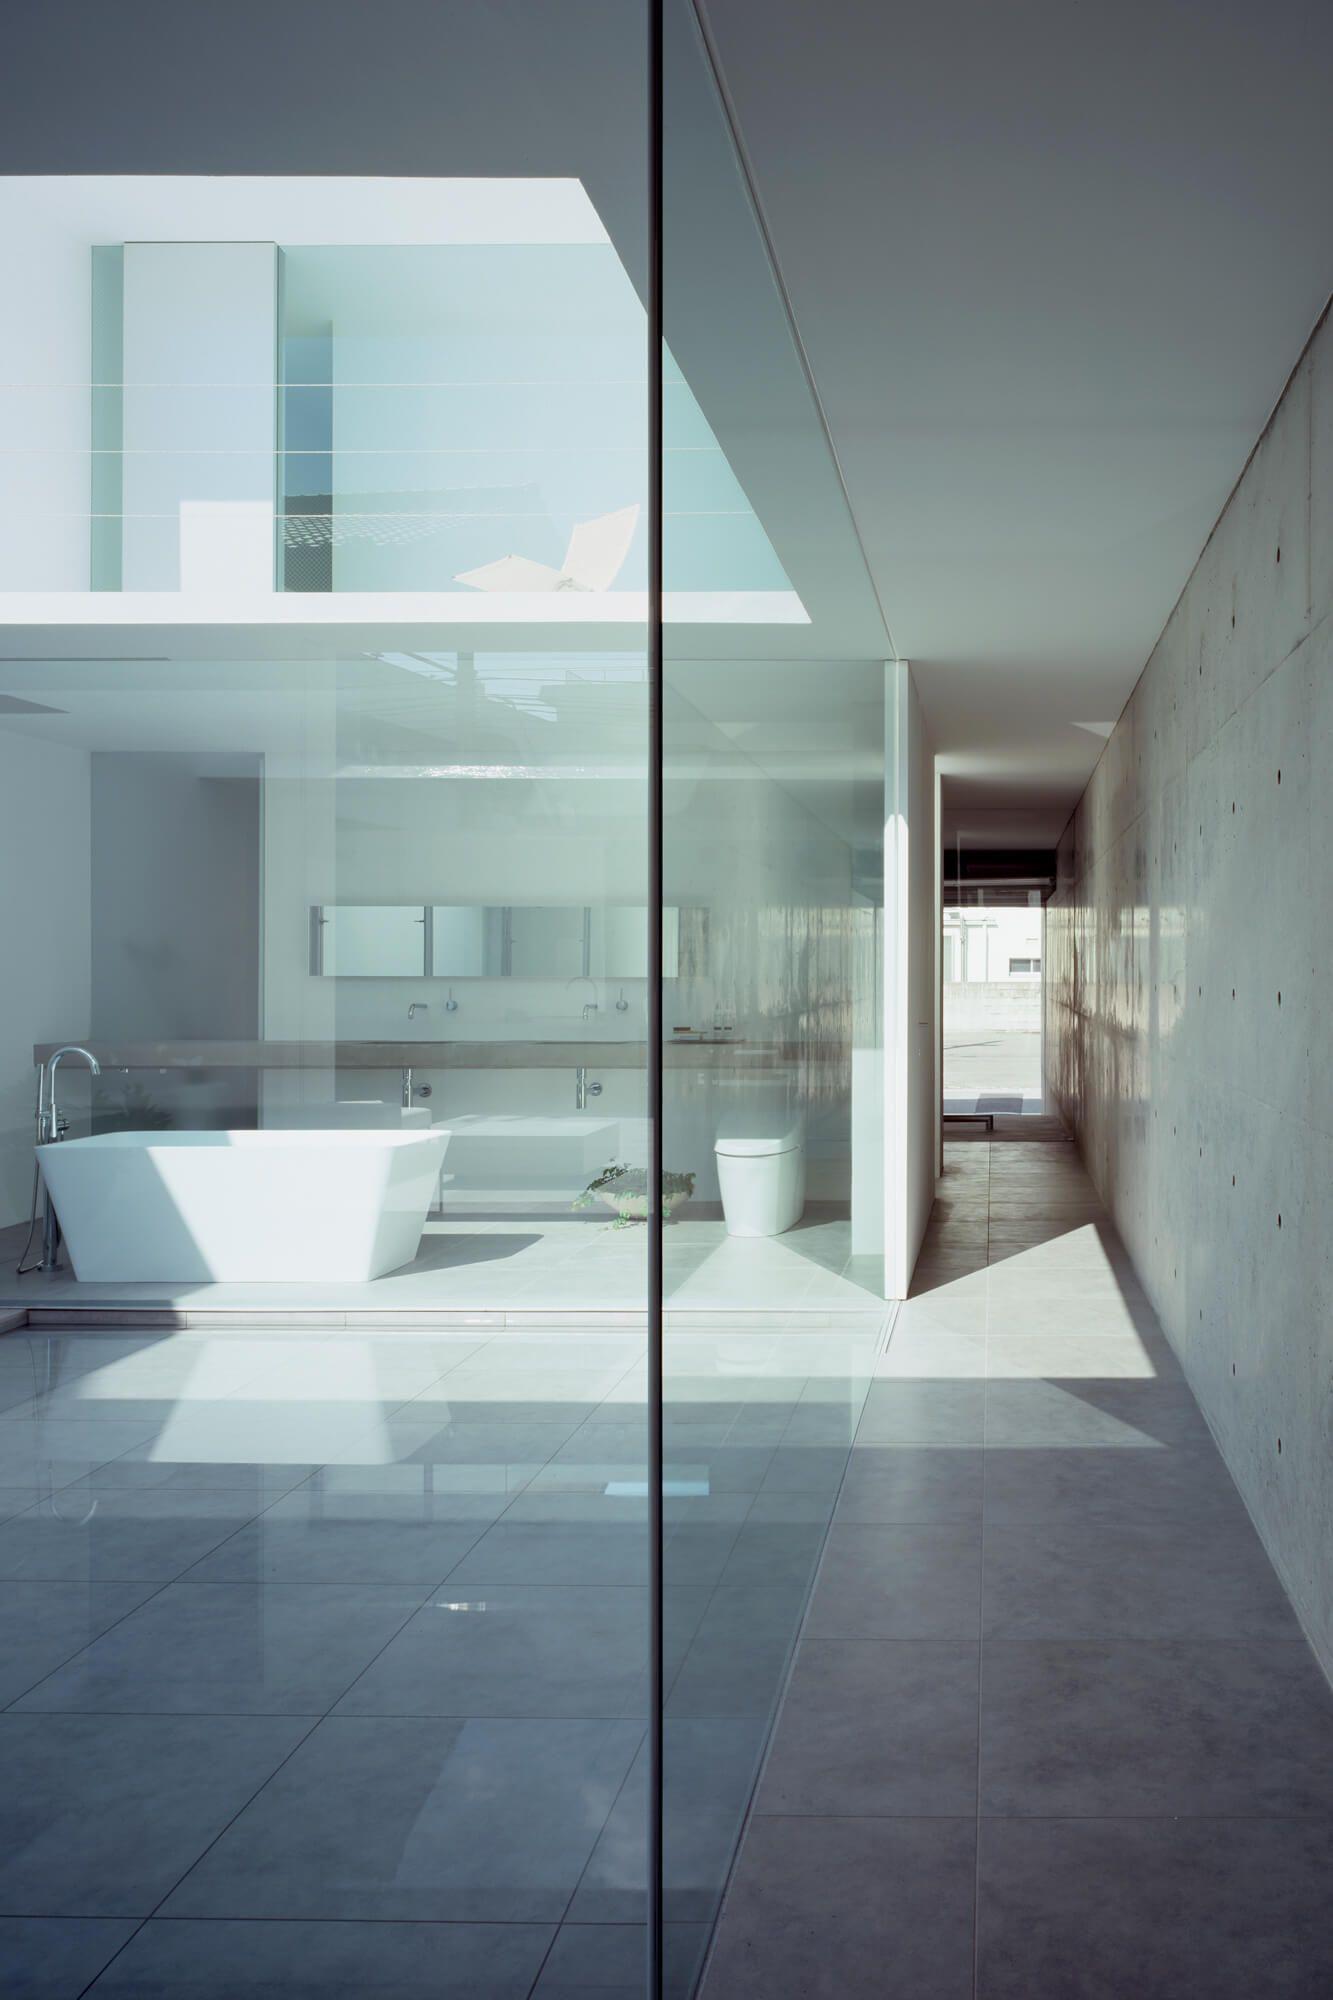 窪田建築アトリエ Kubota Architect Atelier モダンハウス 建築